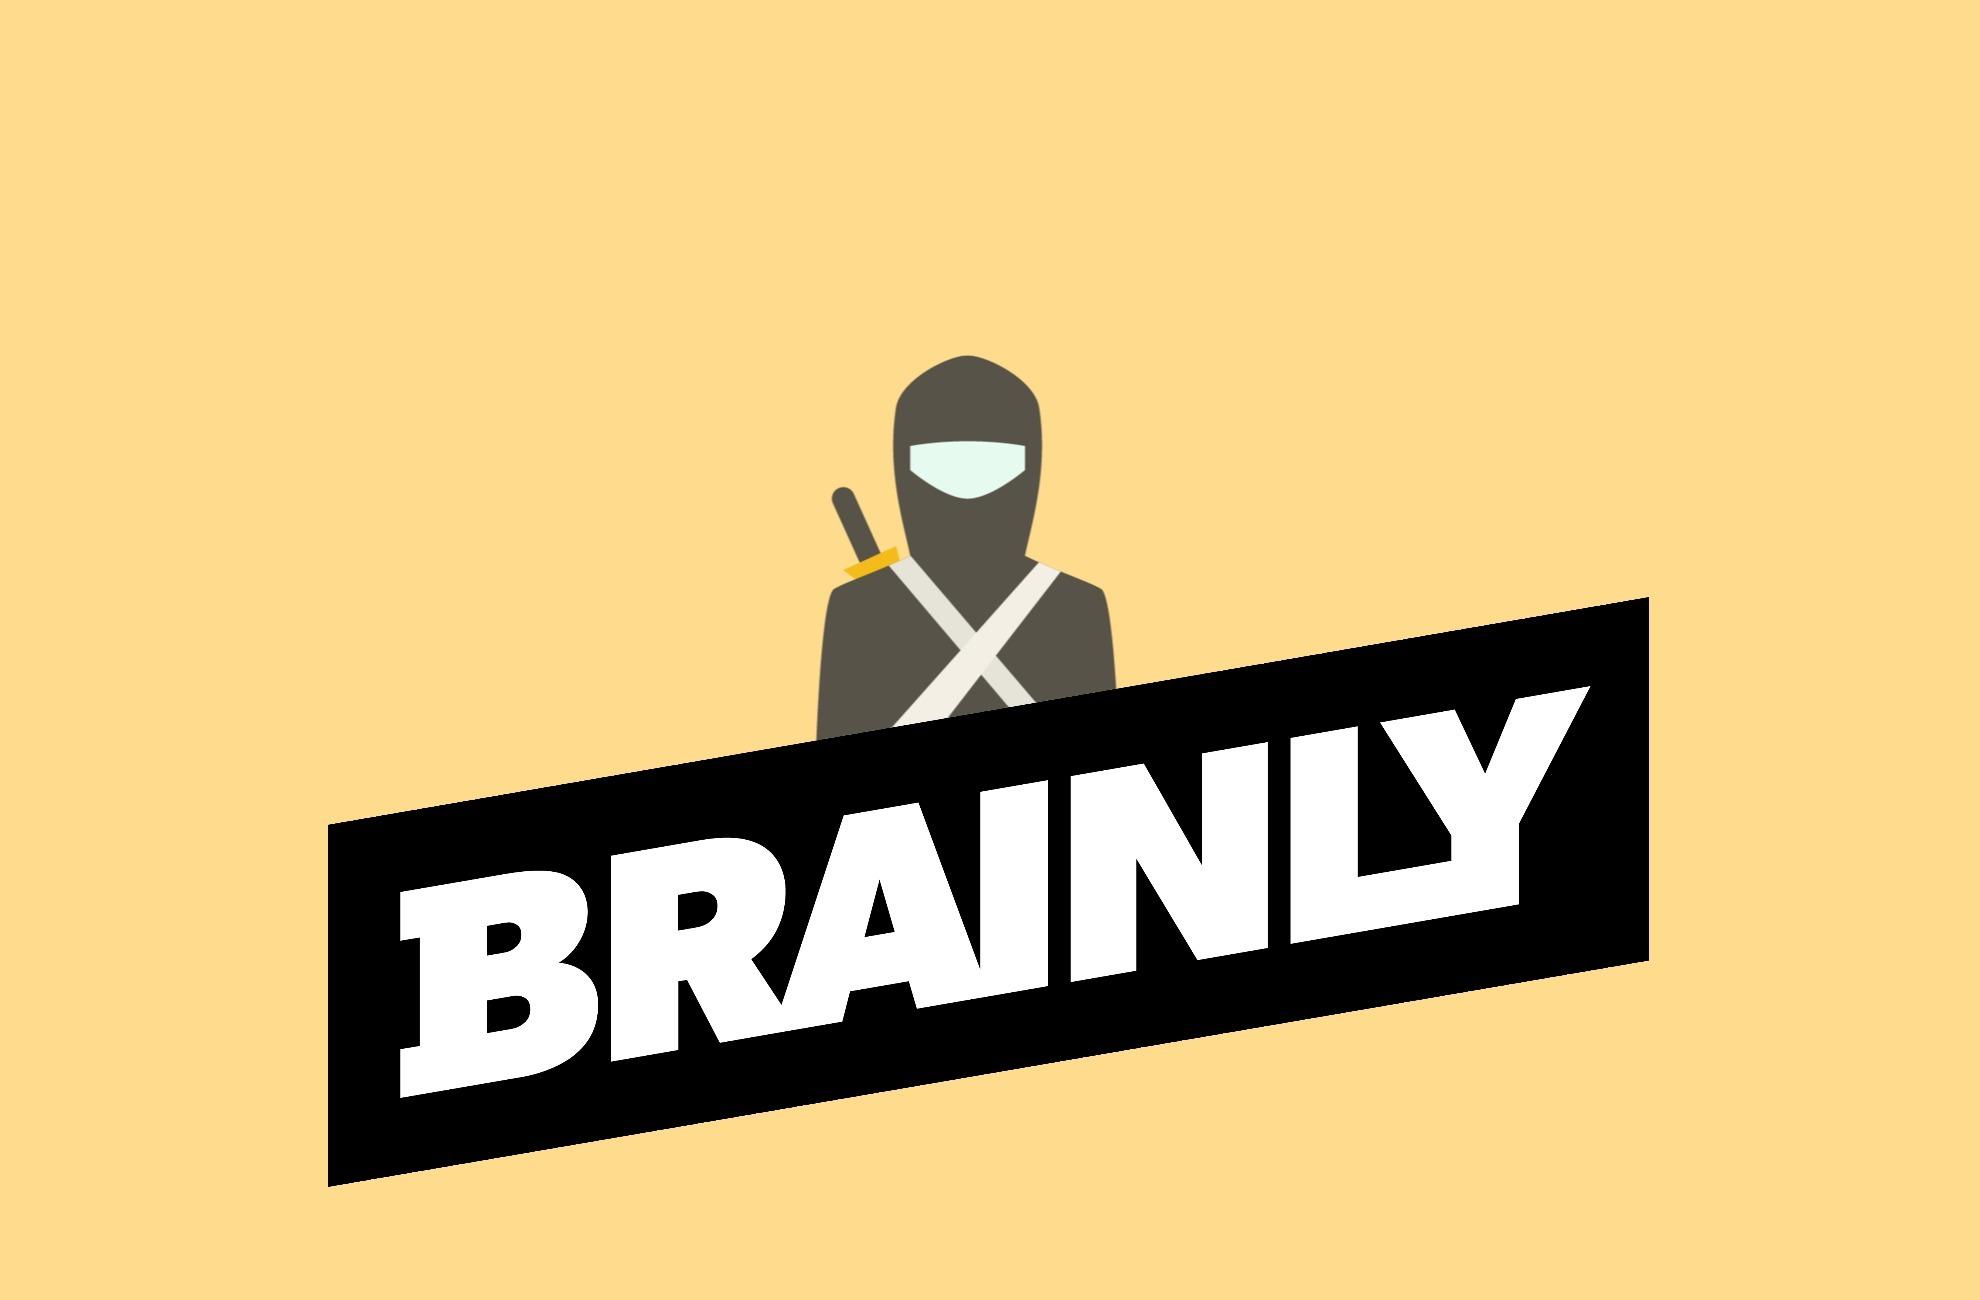 10 Contoh Hak Warga Masyarakat Beserta Contoh Pelaksanaan Brainly